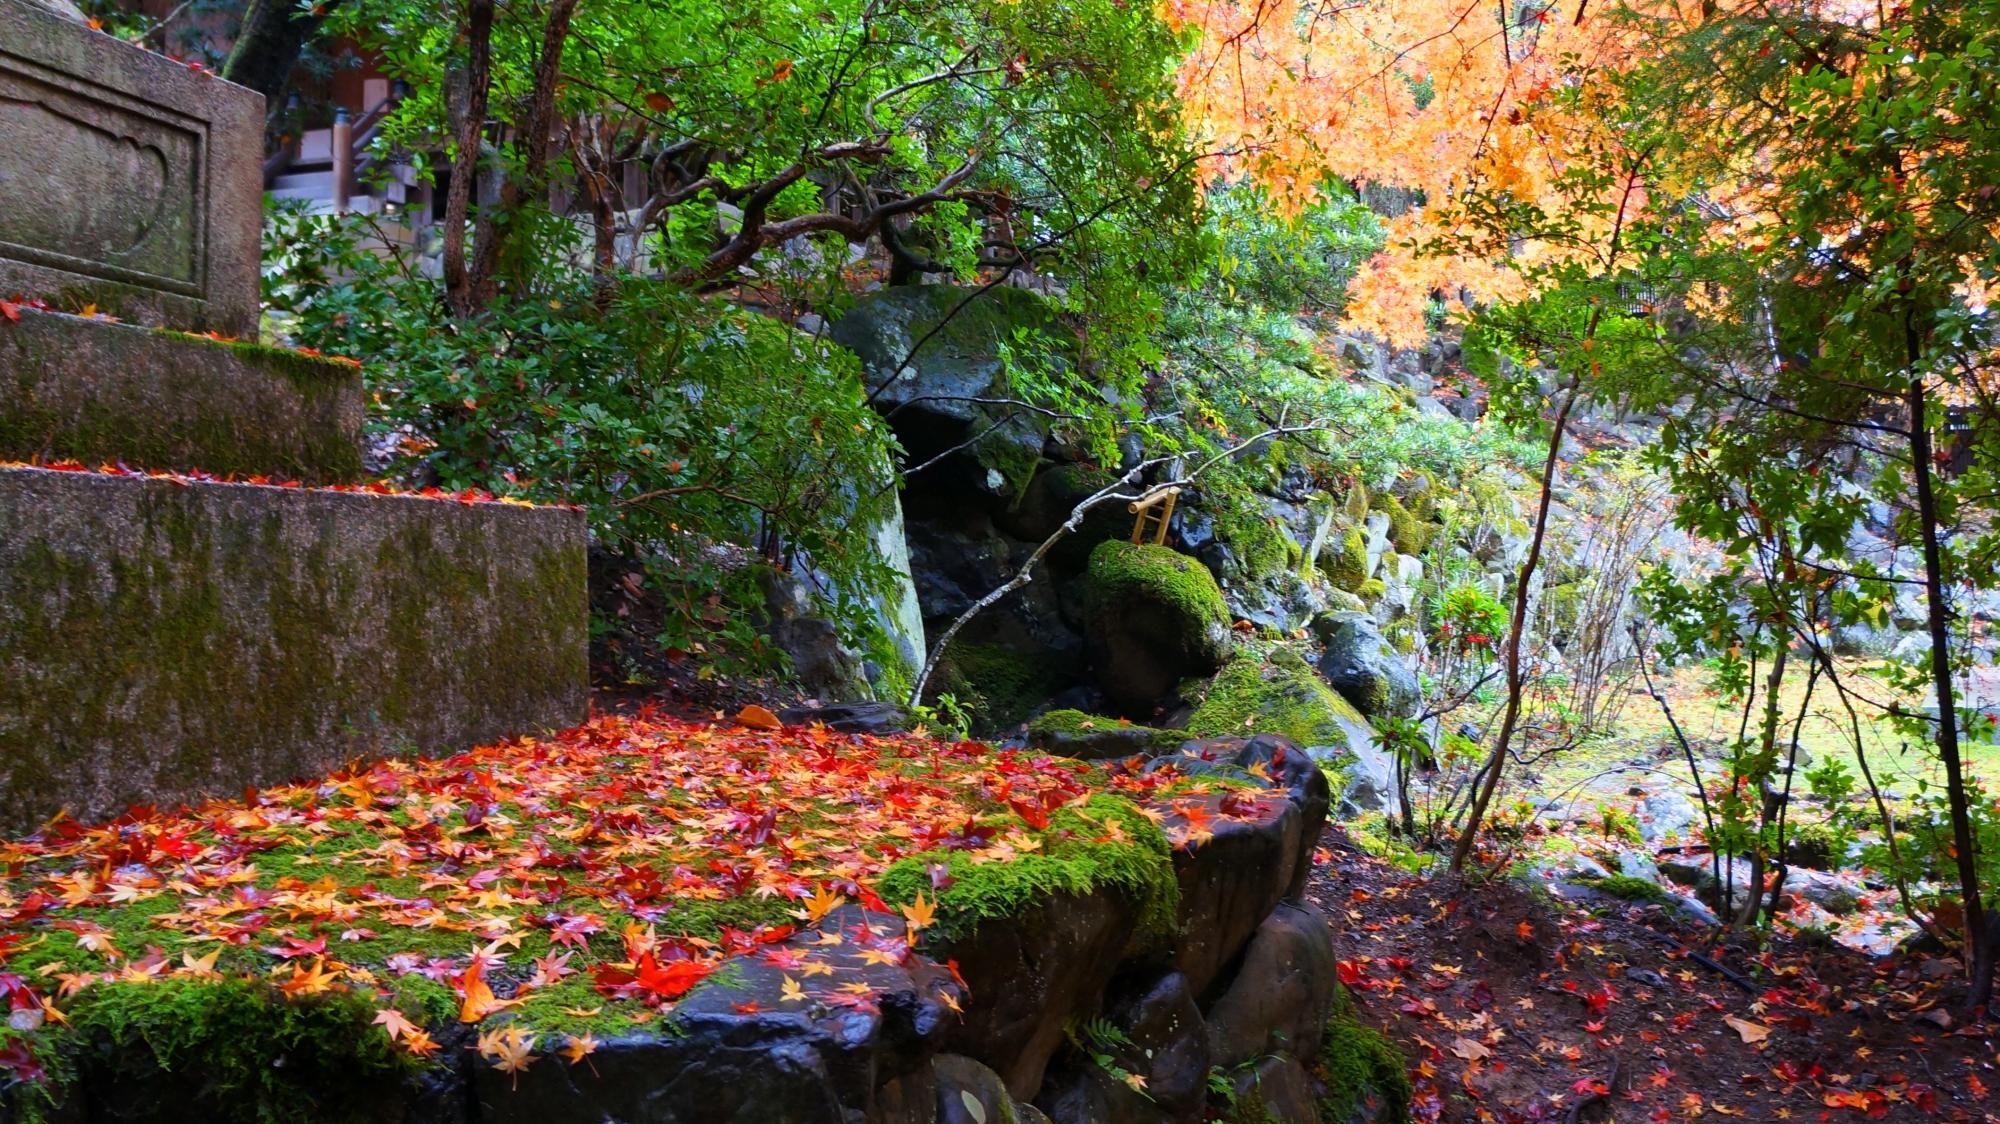 栖賢寺の自然溢れる境内の秋の彩り